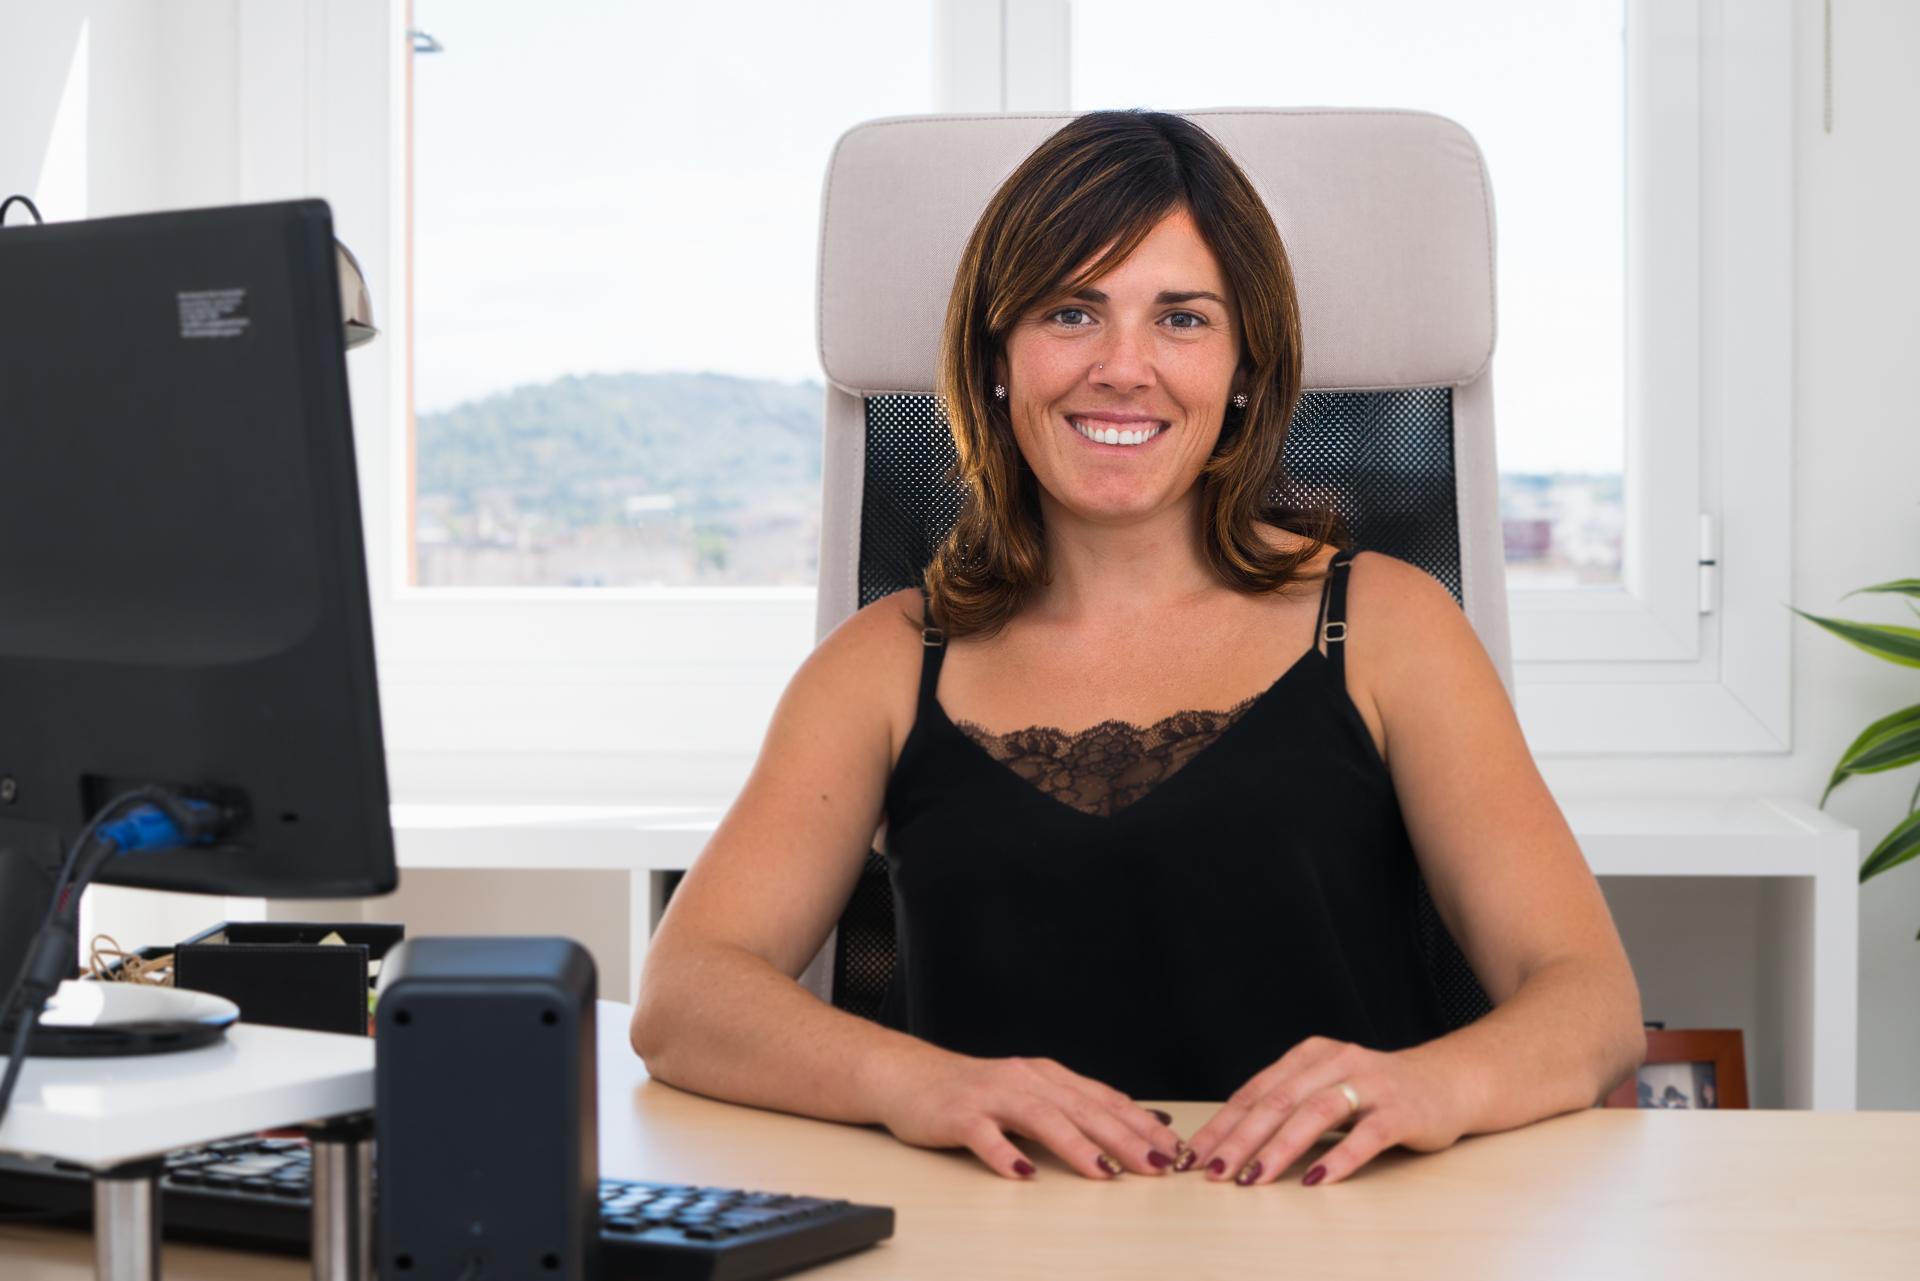 Antonia Vaquer Staschel